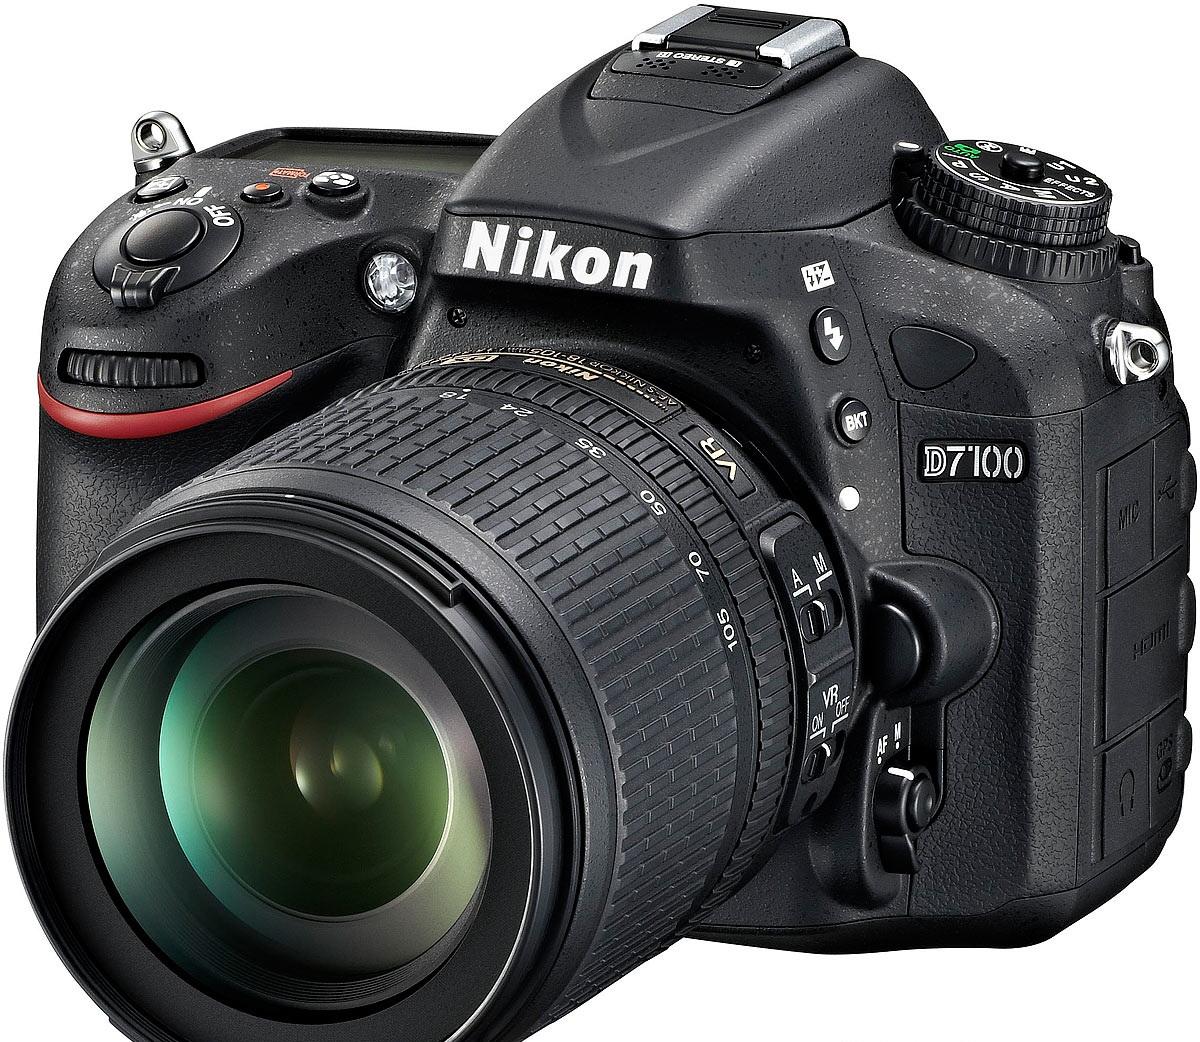 بالصور افضل كاميرات نيكون , نيكون افضل و ارحض كاميرا فى الاسواق 5944 3